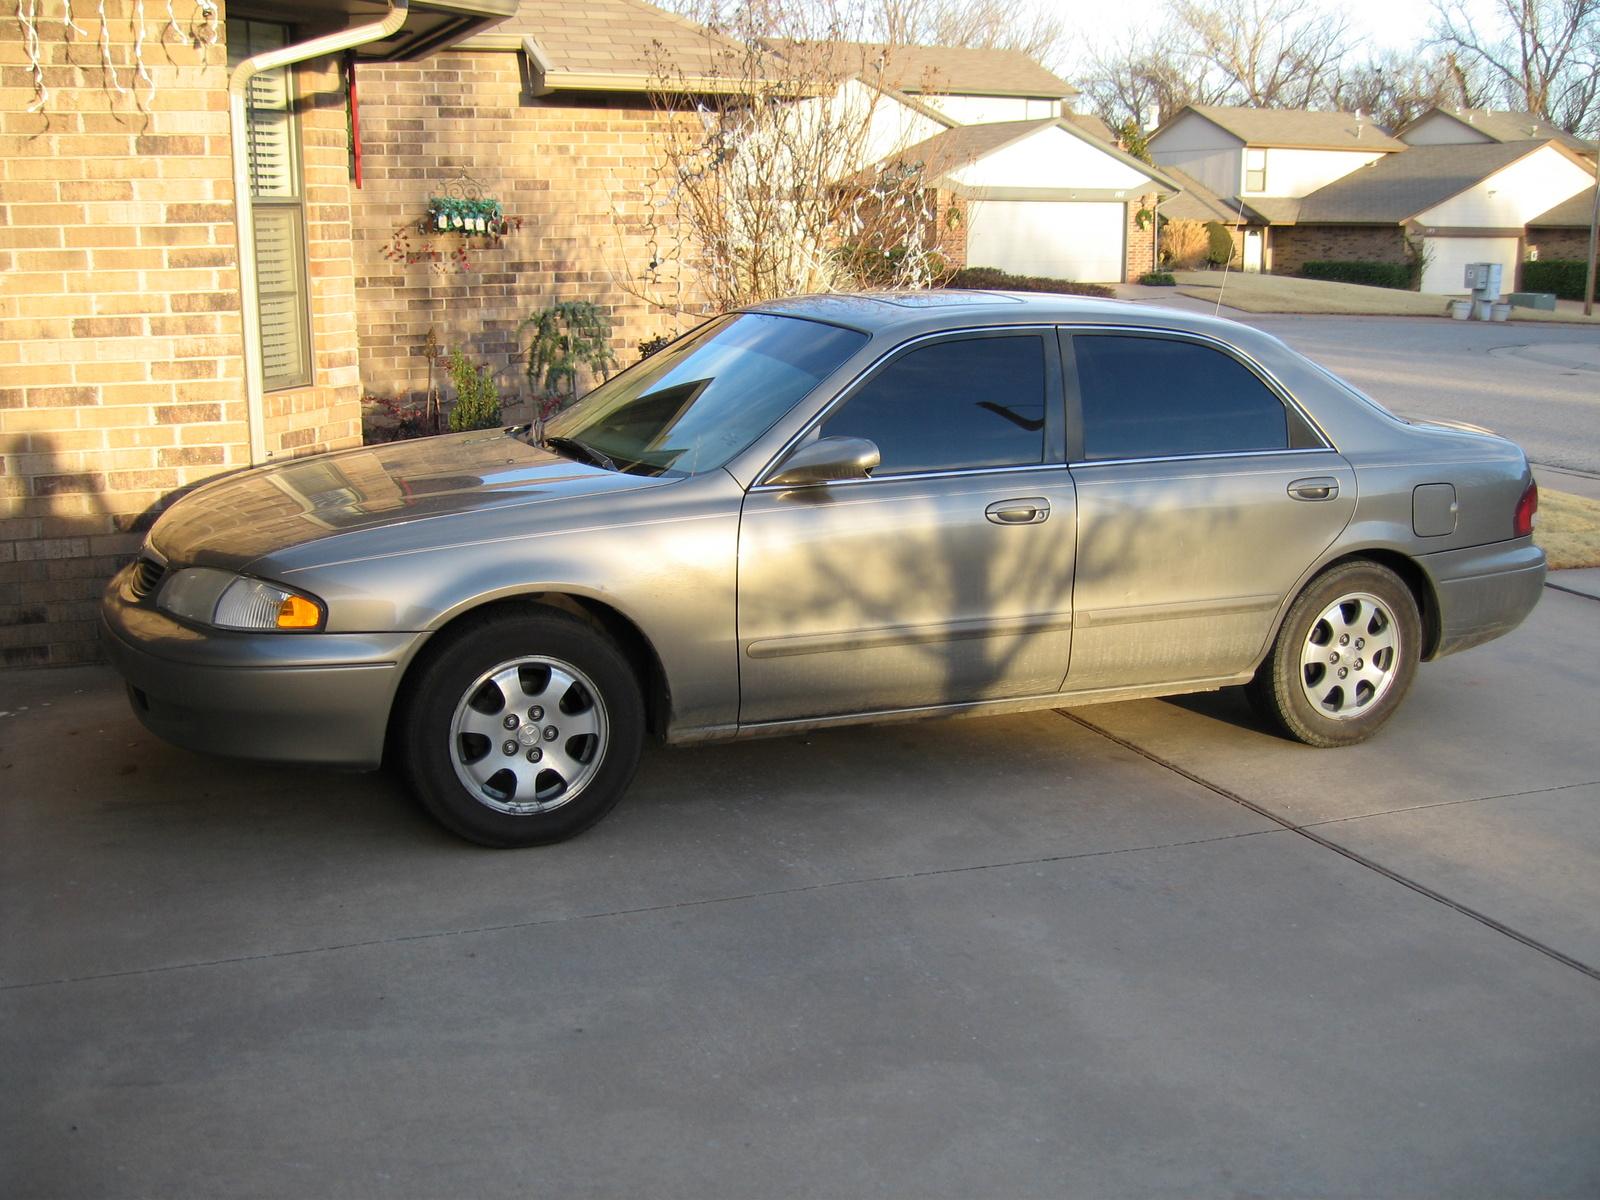 1997 Mazda 626 Pictures Cargurus